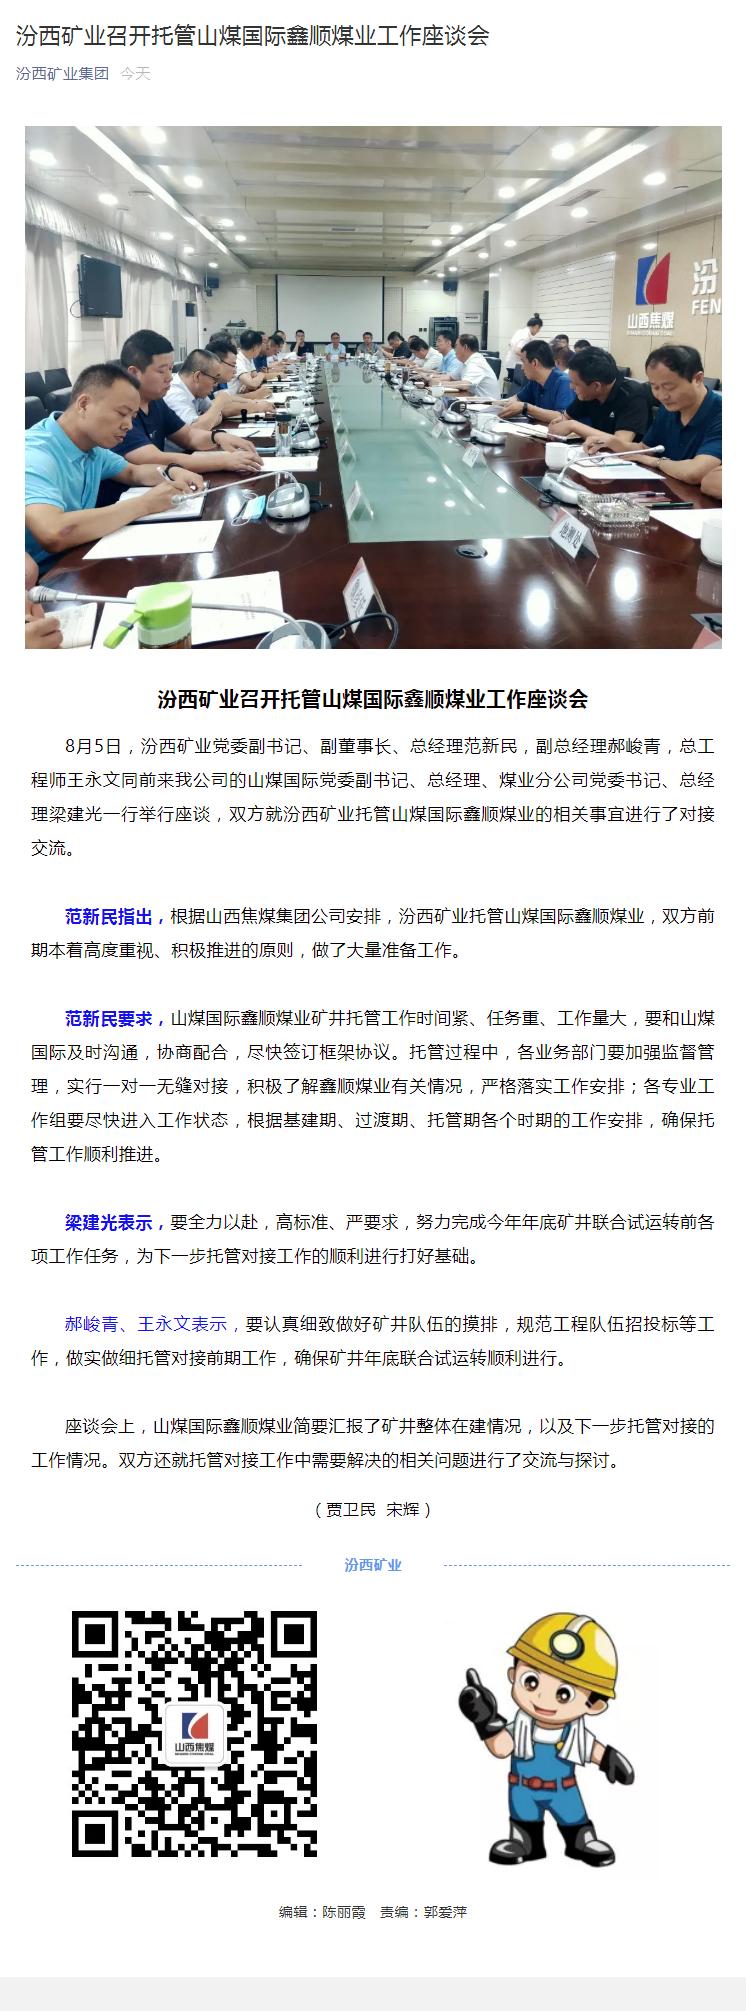 汾西矿业召开托管山煤国际鑫顺煤业工作座谈会.png